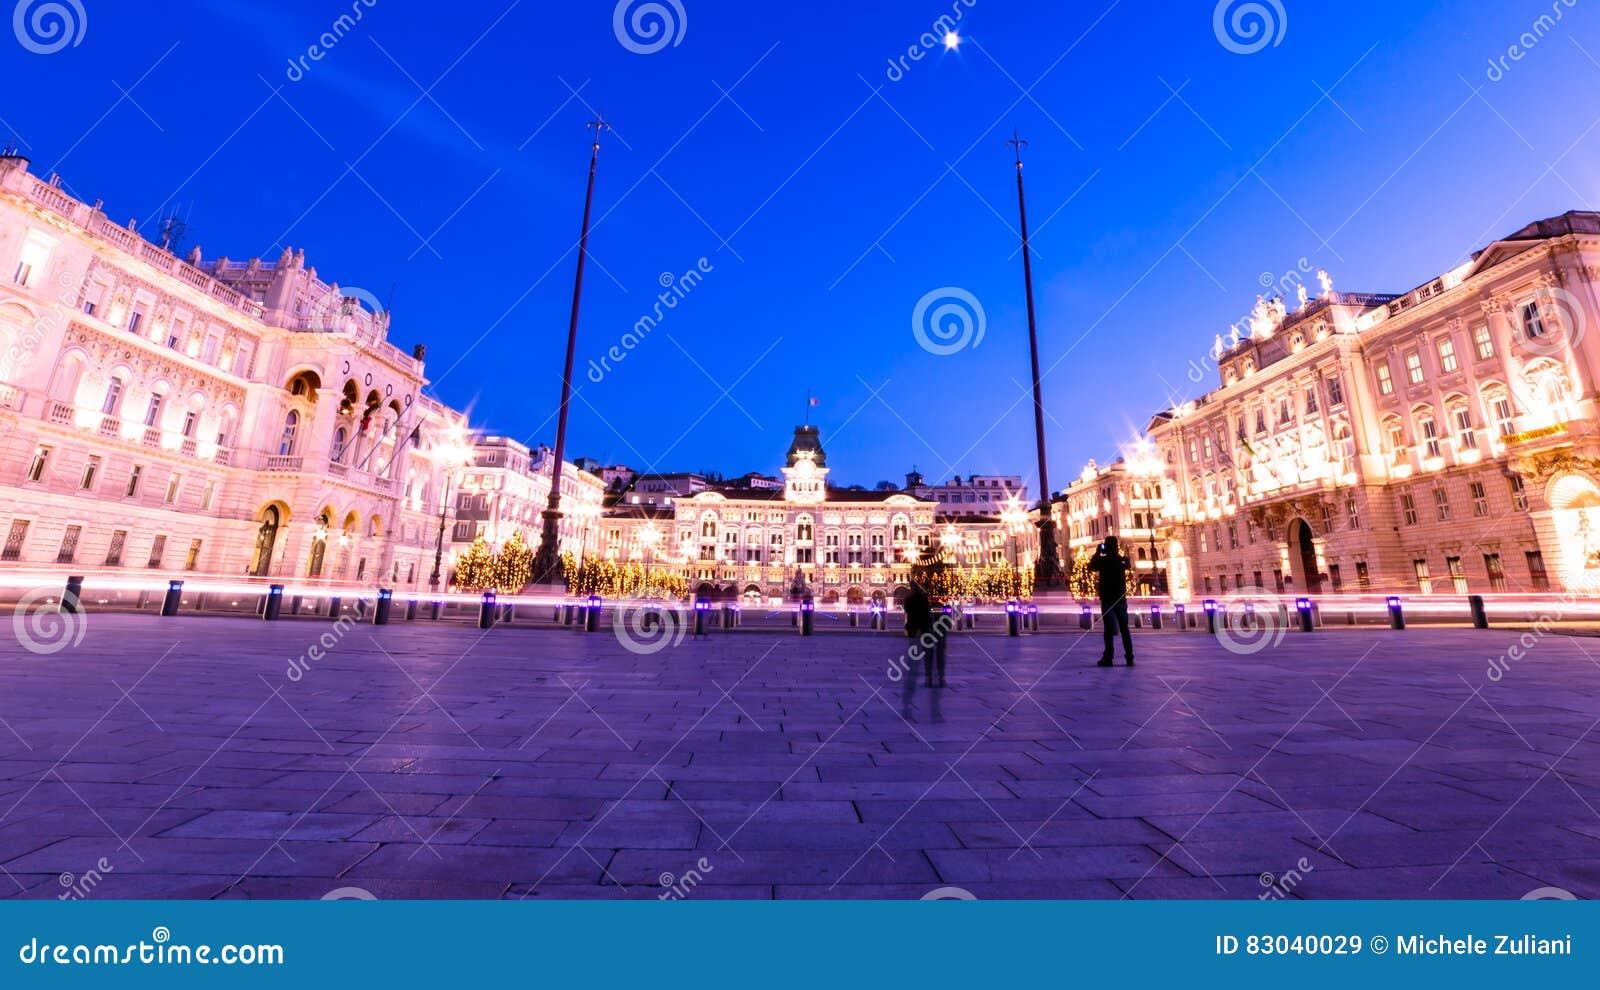 Trieste Natale Immagini.Il Quadrato Di Trieste Durante Il Tempo Di Natale Immagine Stock